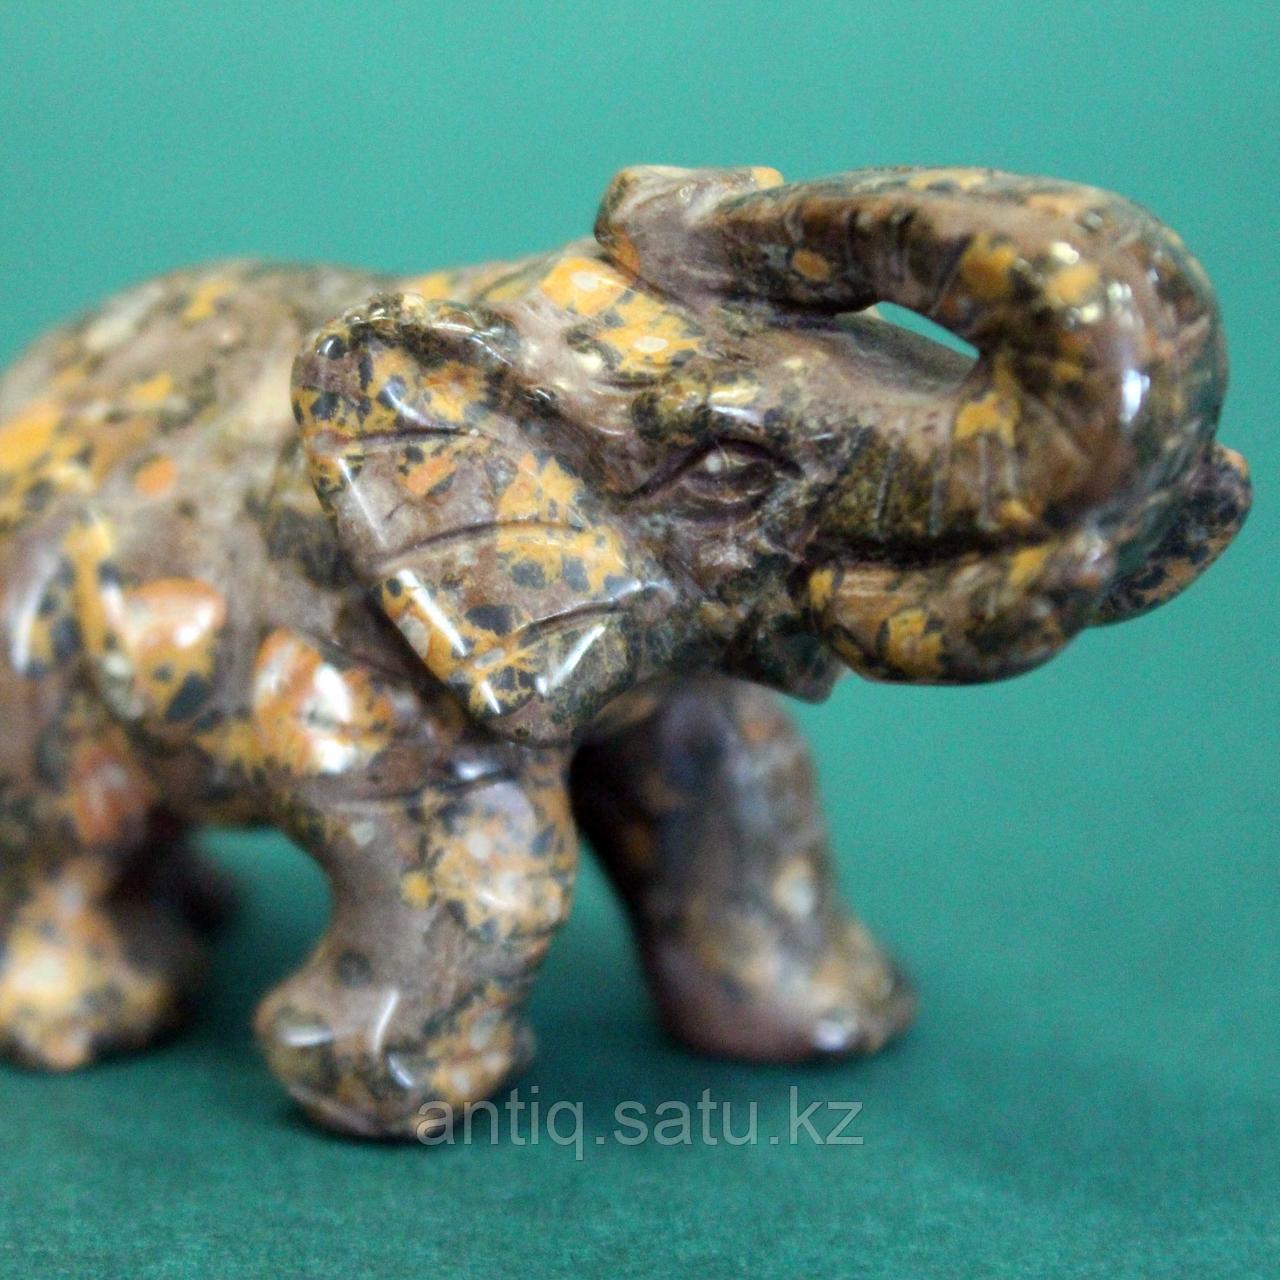 Слон из натурального камня. - фото 6